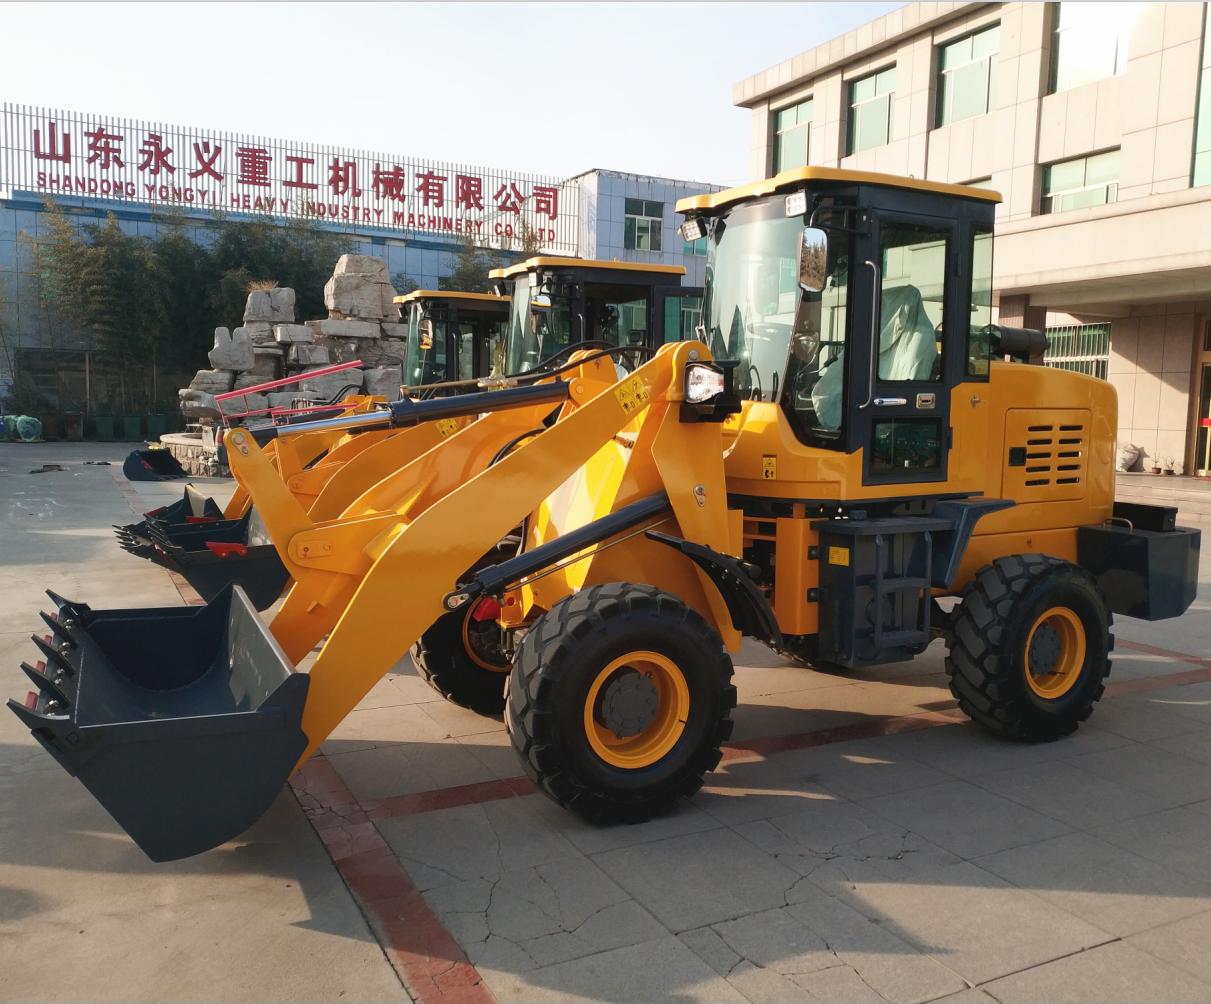 Zl920 front end utility avant compacto new não utilizado articulado mini carregadeira de rodas preço made in china